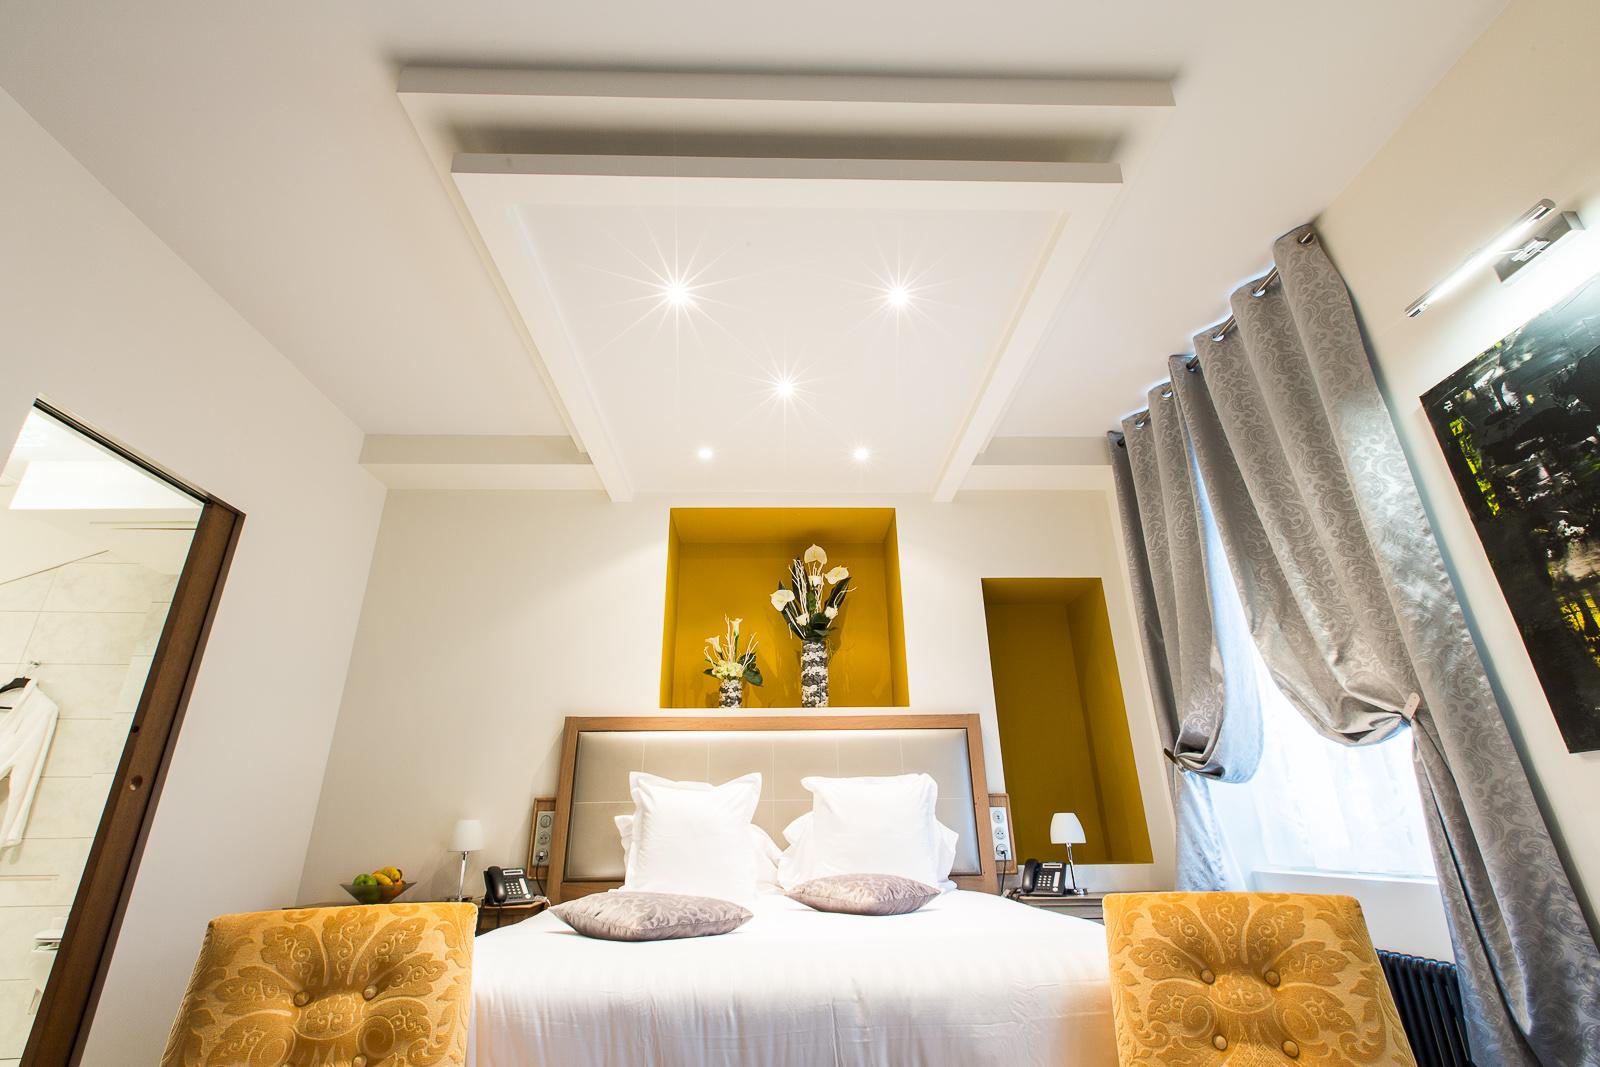 Hôtel Marotte chambre cosy cocooning